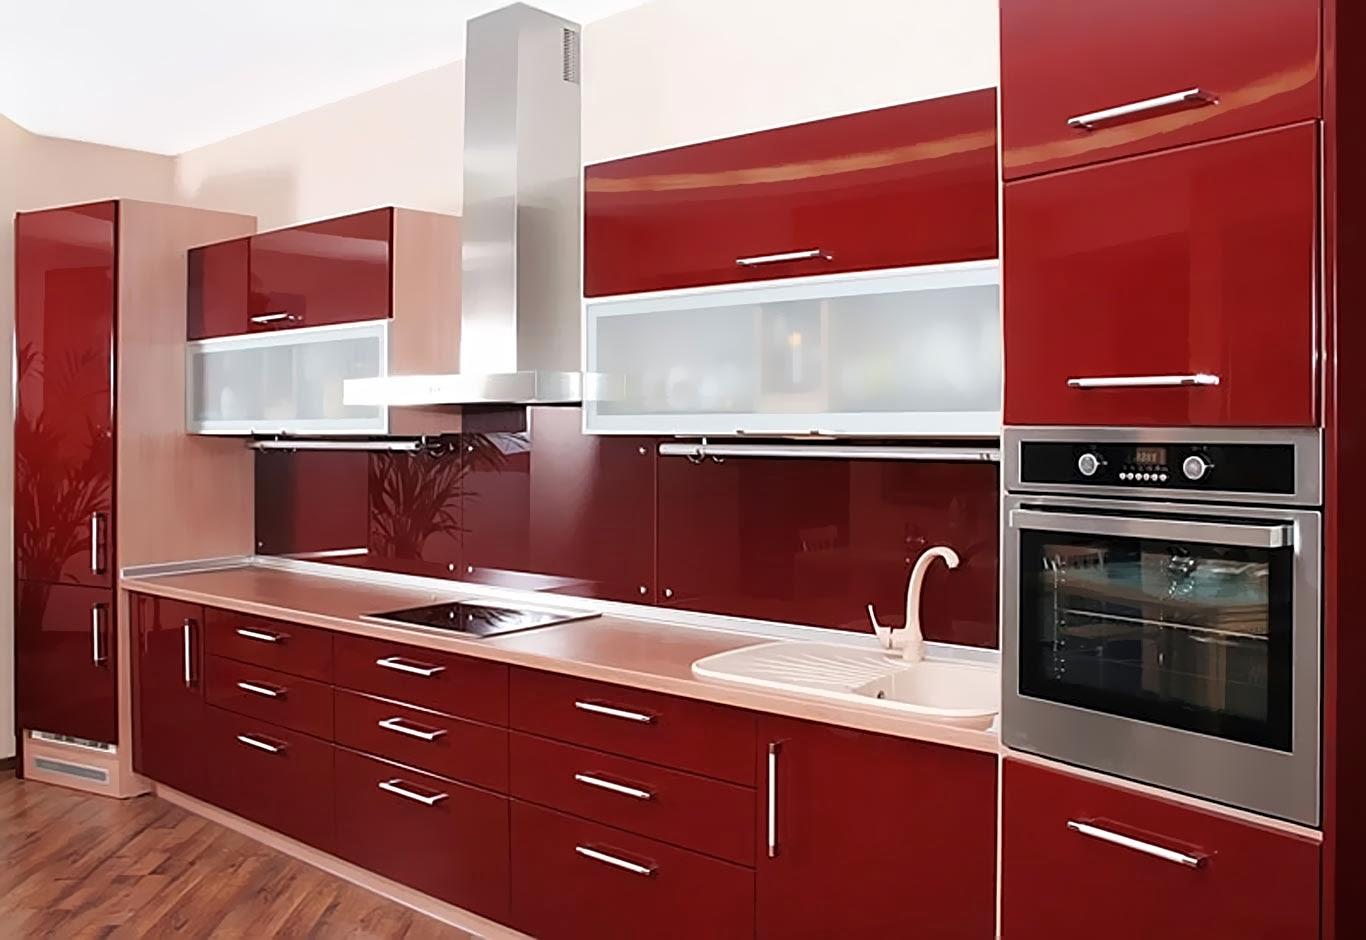 Phong thủy phòng bếp về màu và chất liệu mà bạn nên biết - Nhà Đẹp Số (6)